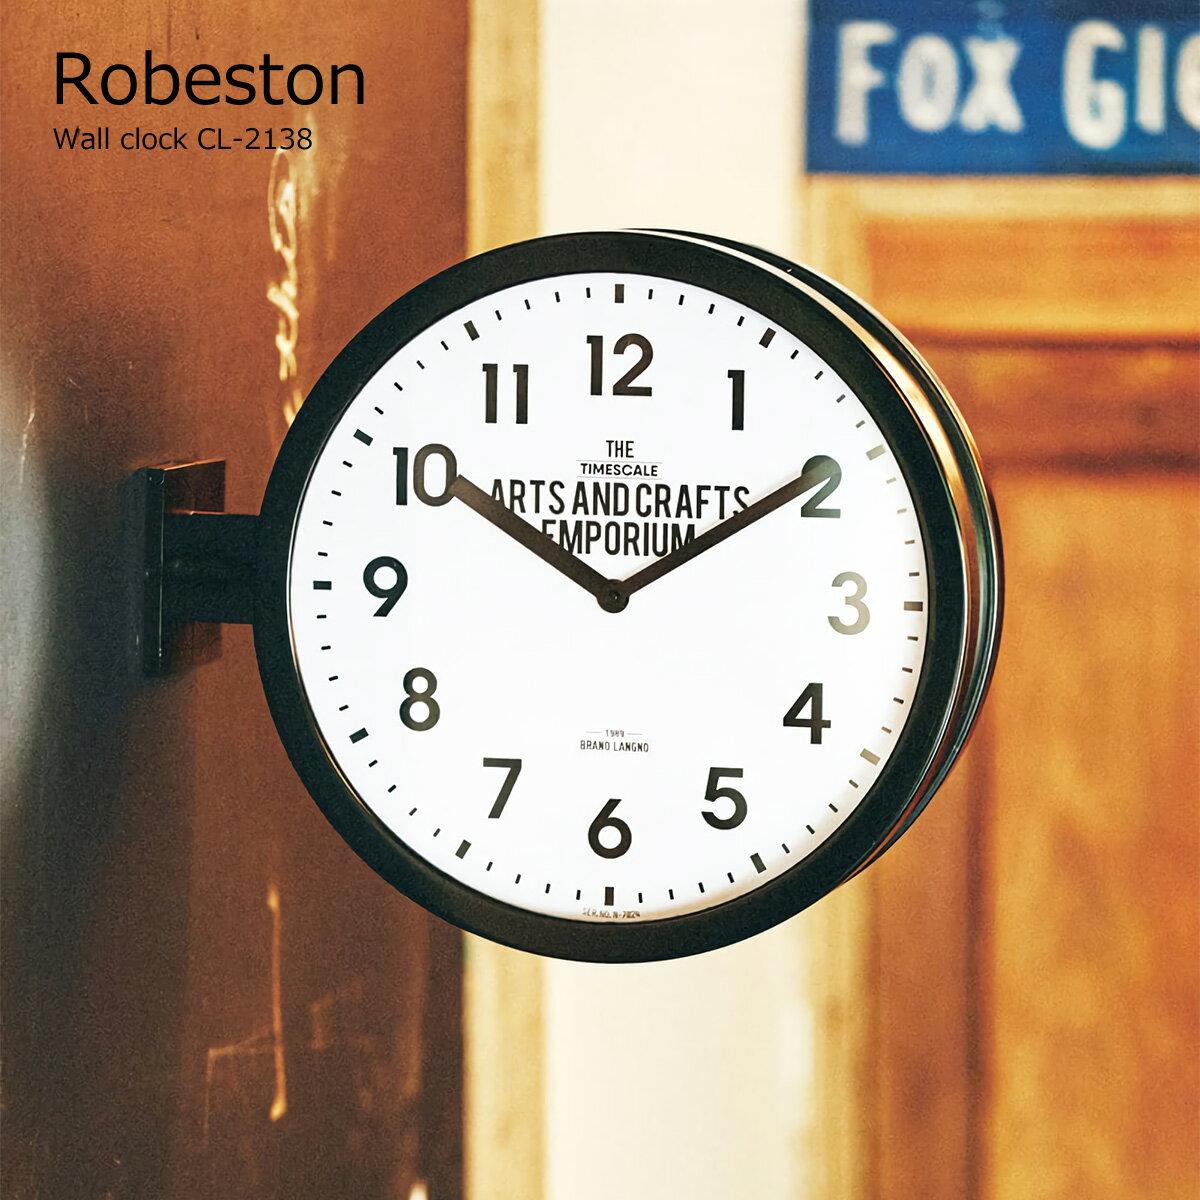 壁掛け時計 おしゃれ 時計 壁掛け 北欧 掛け時計 Robeston ロベストン CL-2138 両面時計 静音 音がしない インテリア ウォールクロック デザイナーズ オシャレ 見やすい シンプル【あす楽】【PUP01】【着後レビューでクーポン】